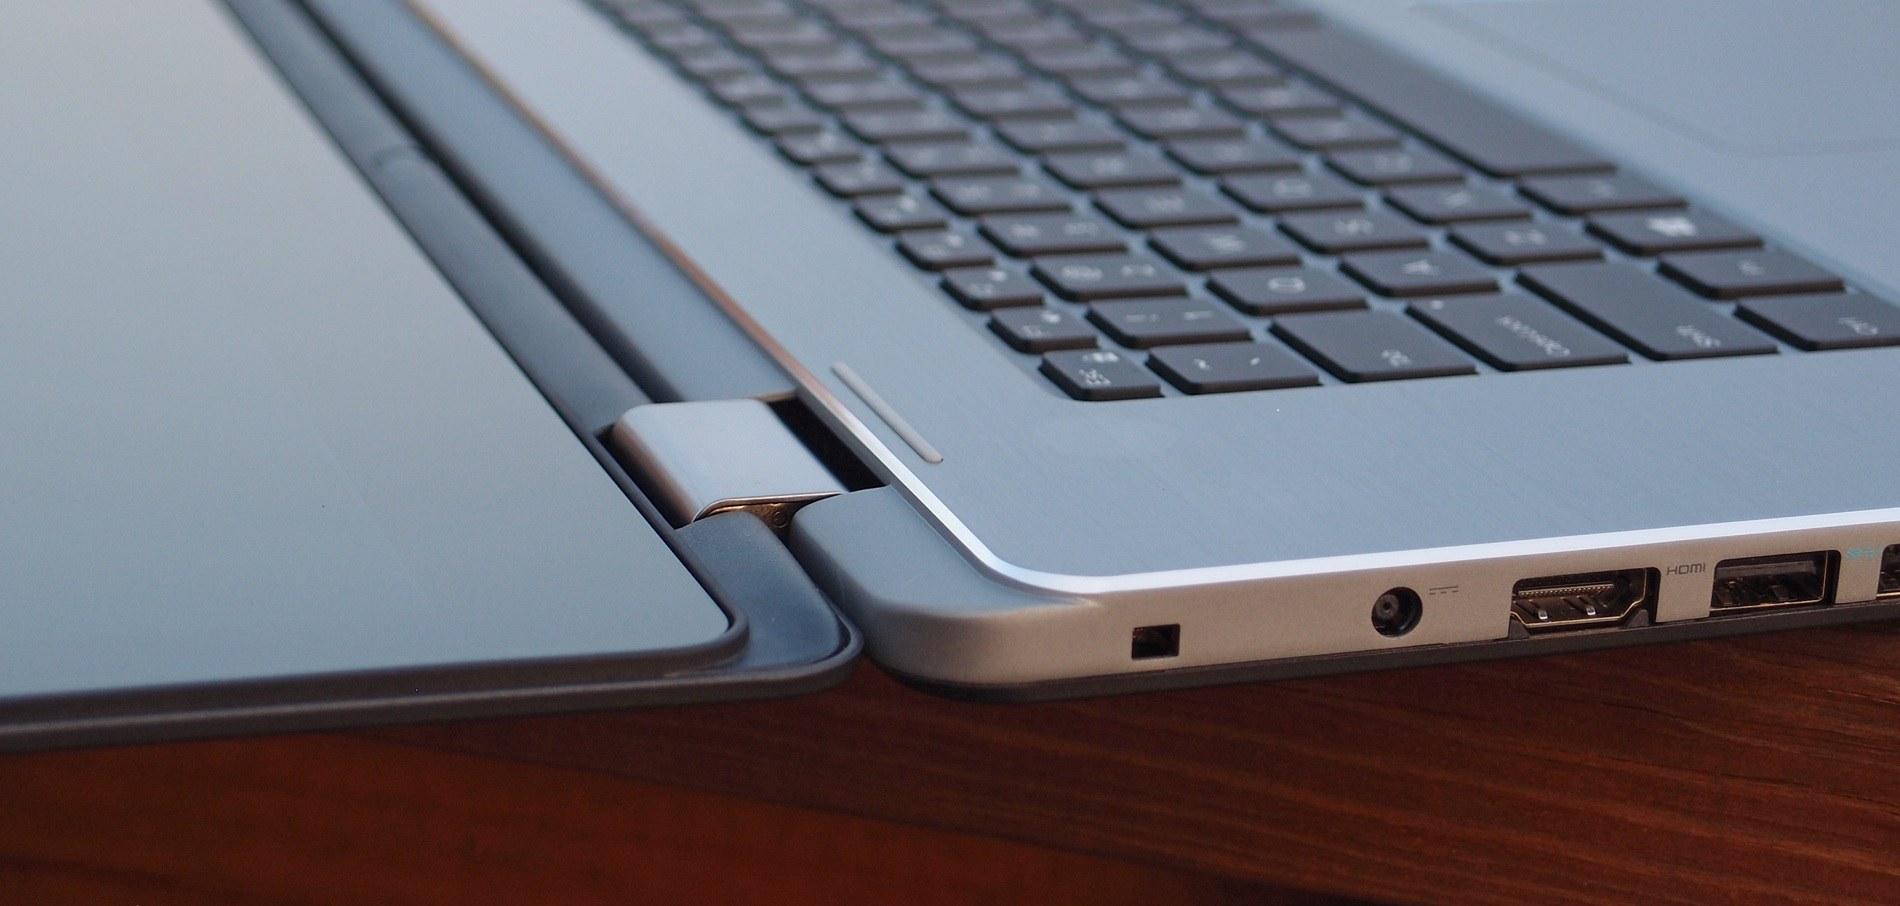 Dell Inspiron 7558 Core i5 5200U 15.6 inch HD4400 Win 8.1 - Cảm ứng